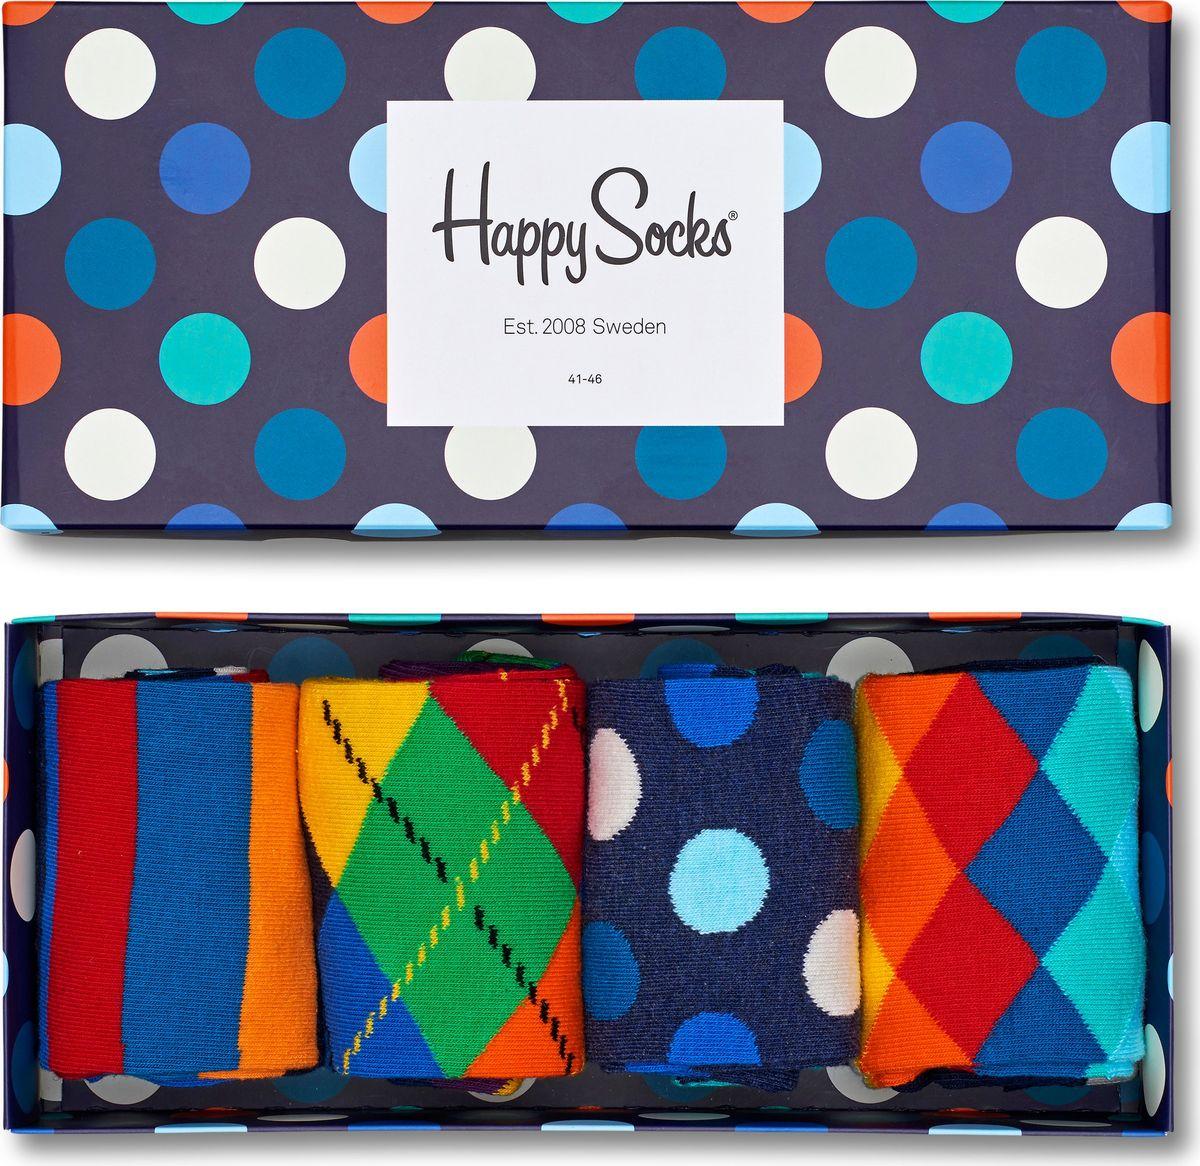 Носки Happy Socks Mix, цвет: мультиколор, 3 пары. XMIX09. Размер 41/46XMIX09Носки Happy Socks Argyle, изготовленные из высококачественного комбинированного материала, очень мягкие и приятные на ощупь, позволяют коже дышать. Широкая эластичная резинка плотно облегает ногу, не сдавливая ее, обеспечивая комфорт и удобство. Носки оформлены оригинальным принтом.Удобные и комфортные носки великолепно подойдут к любой вашей обуви